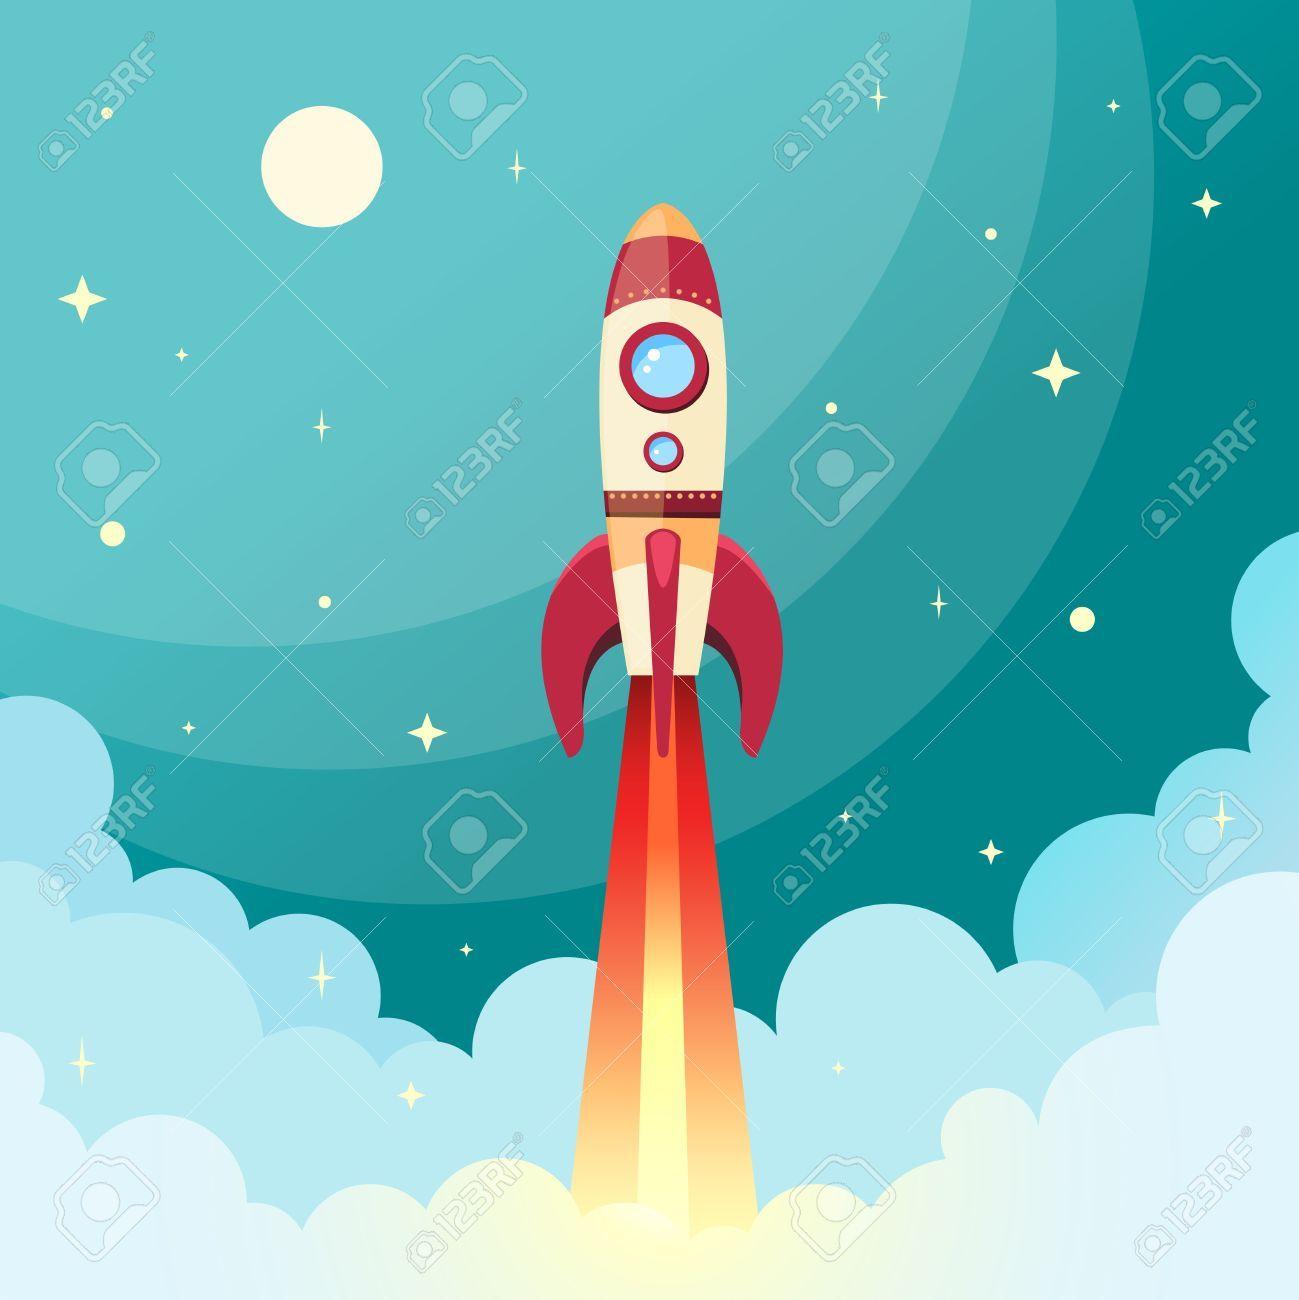 rocket space suit illustrations - photo #27